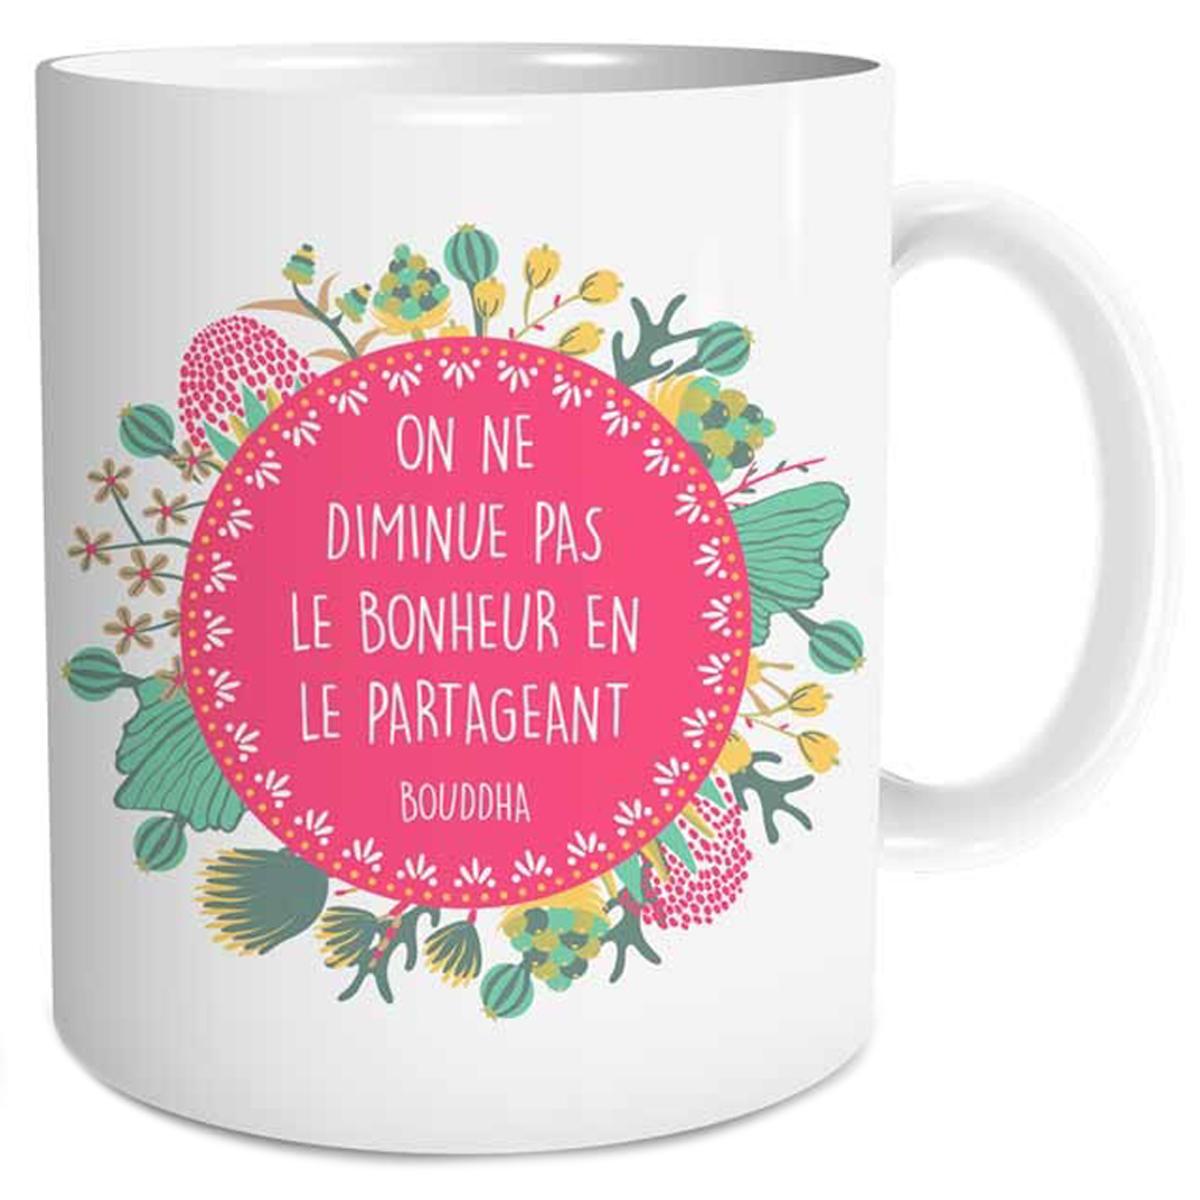 Mug céramique \'Sagesse\' (On ne diminue pas le bonheur en le partageant - Bouddha) - 95x8 cm - [Q3655]